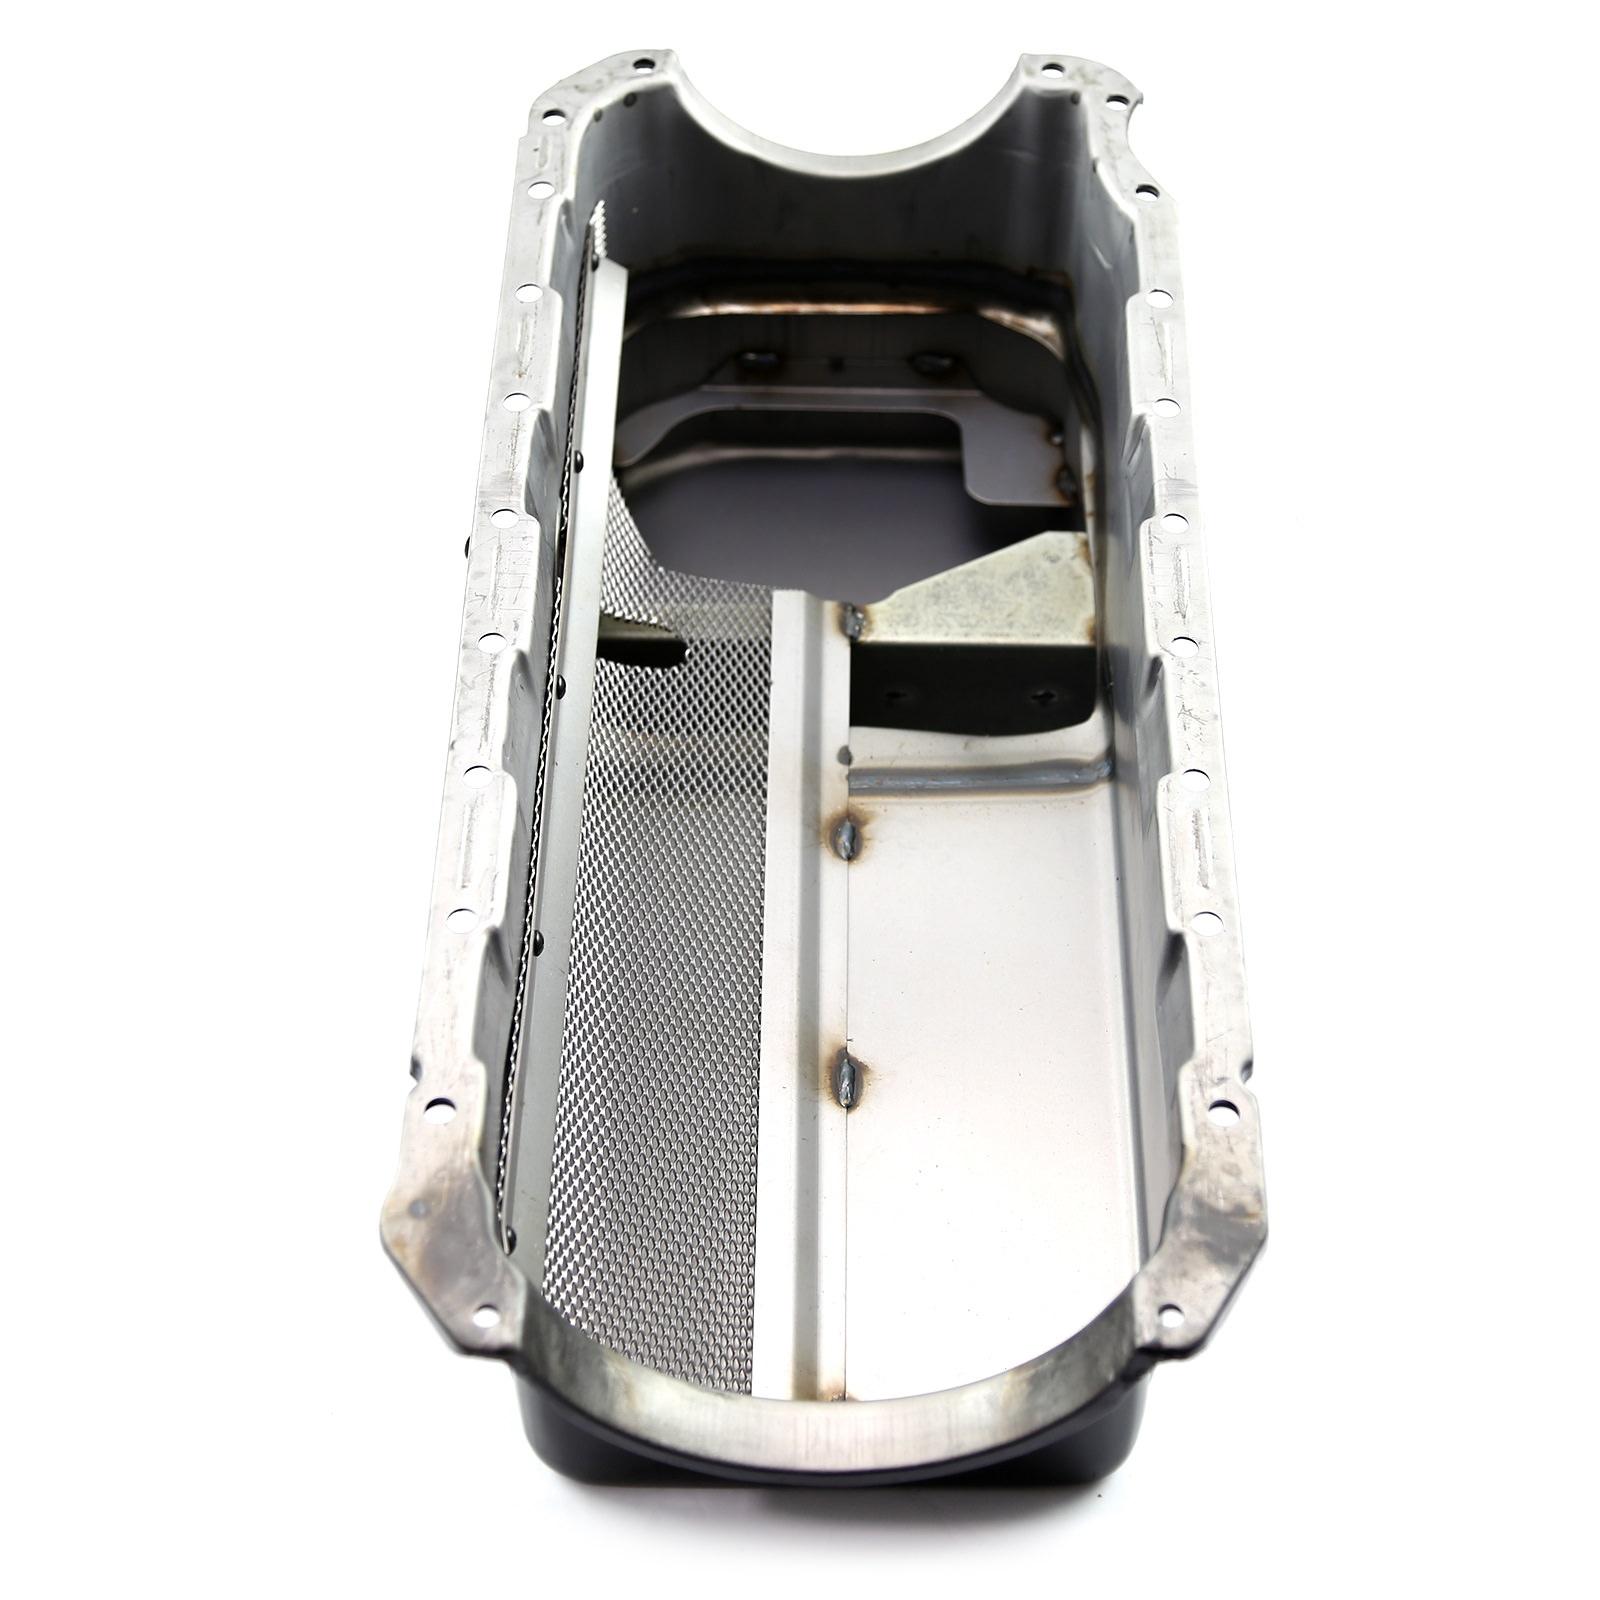 Chevy BB 454 Gen V 6Qt 1Pc Rms Drag Oil Pan